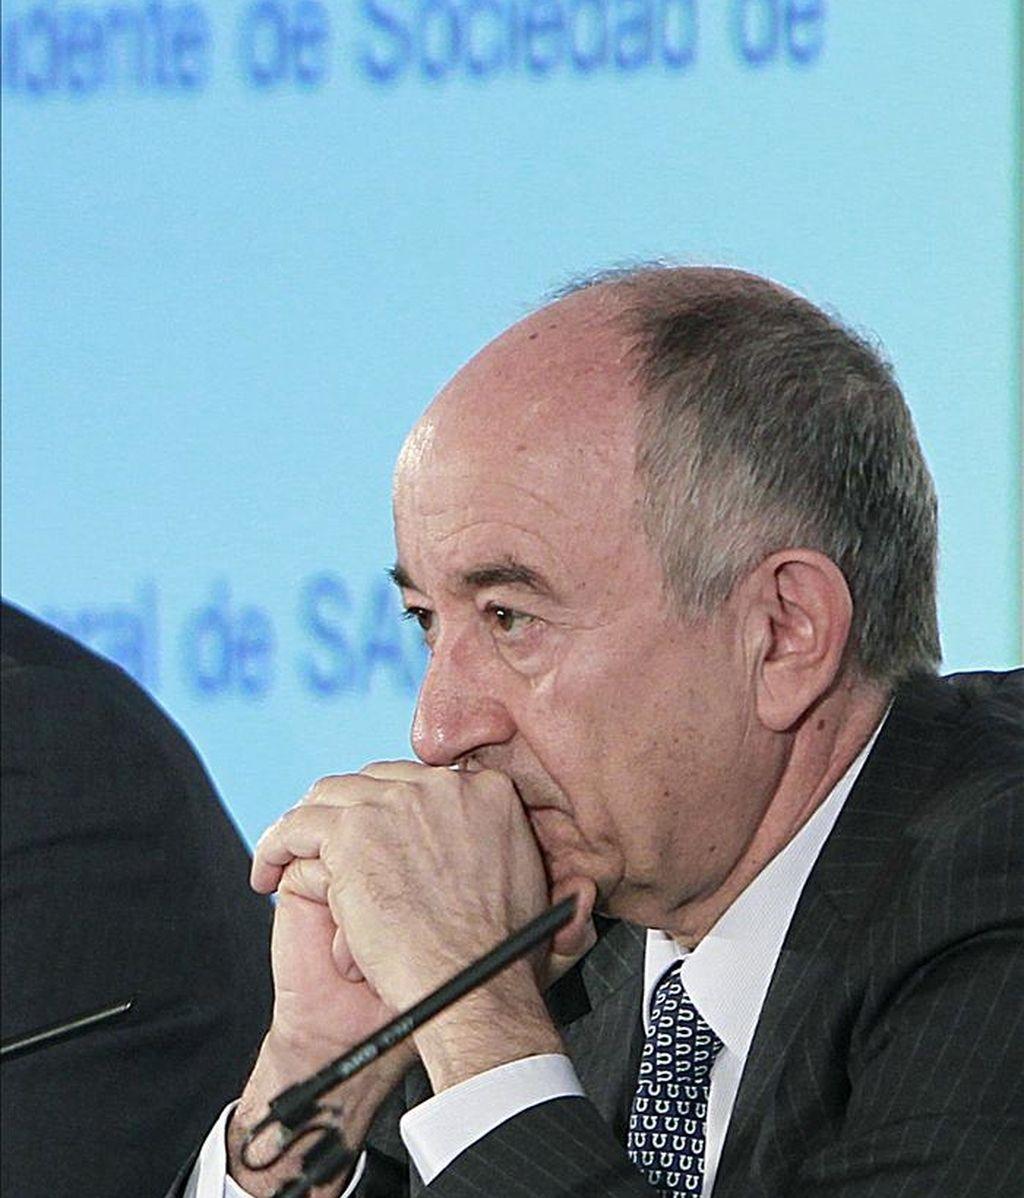 El gobernador del Banco de España, Miguel Ángel Fernández Ordóñez, durante el XVIII Encuentro del sector financiero sobre el reposicionamiento del sistema bancario español, organizado por Deloitte, ABC, SAP y la Sociedad de Tasación. EFE